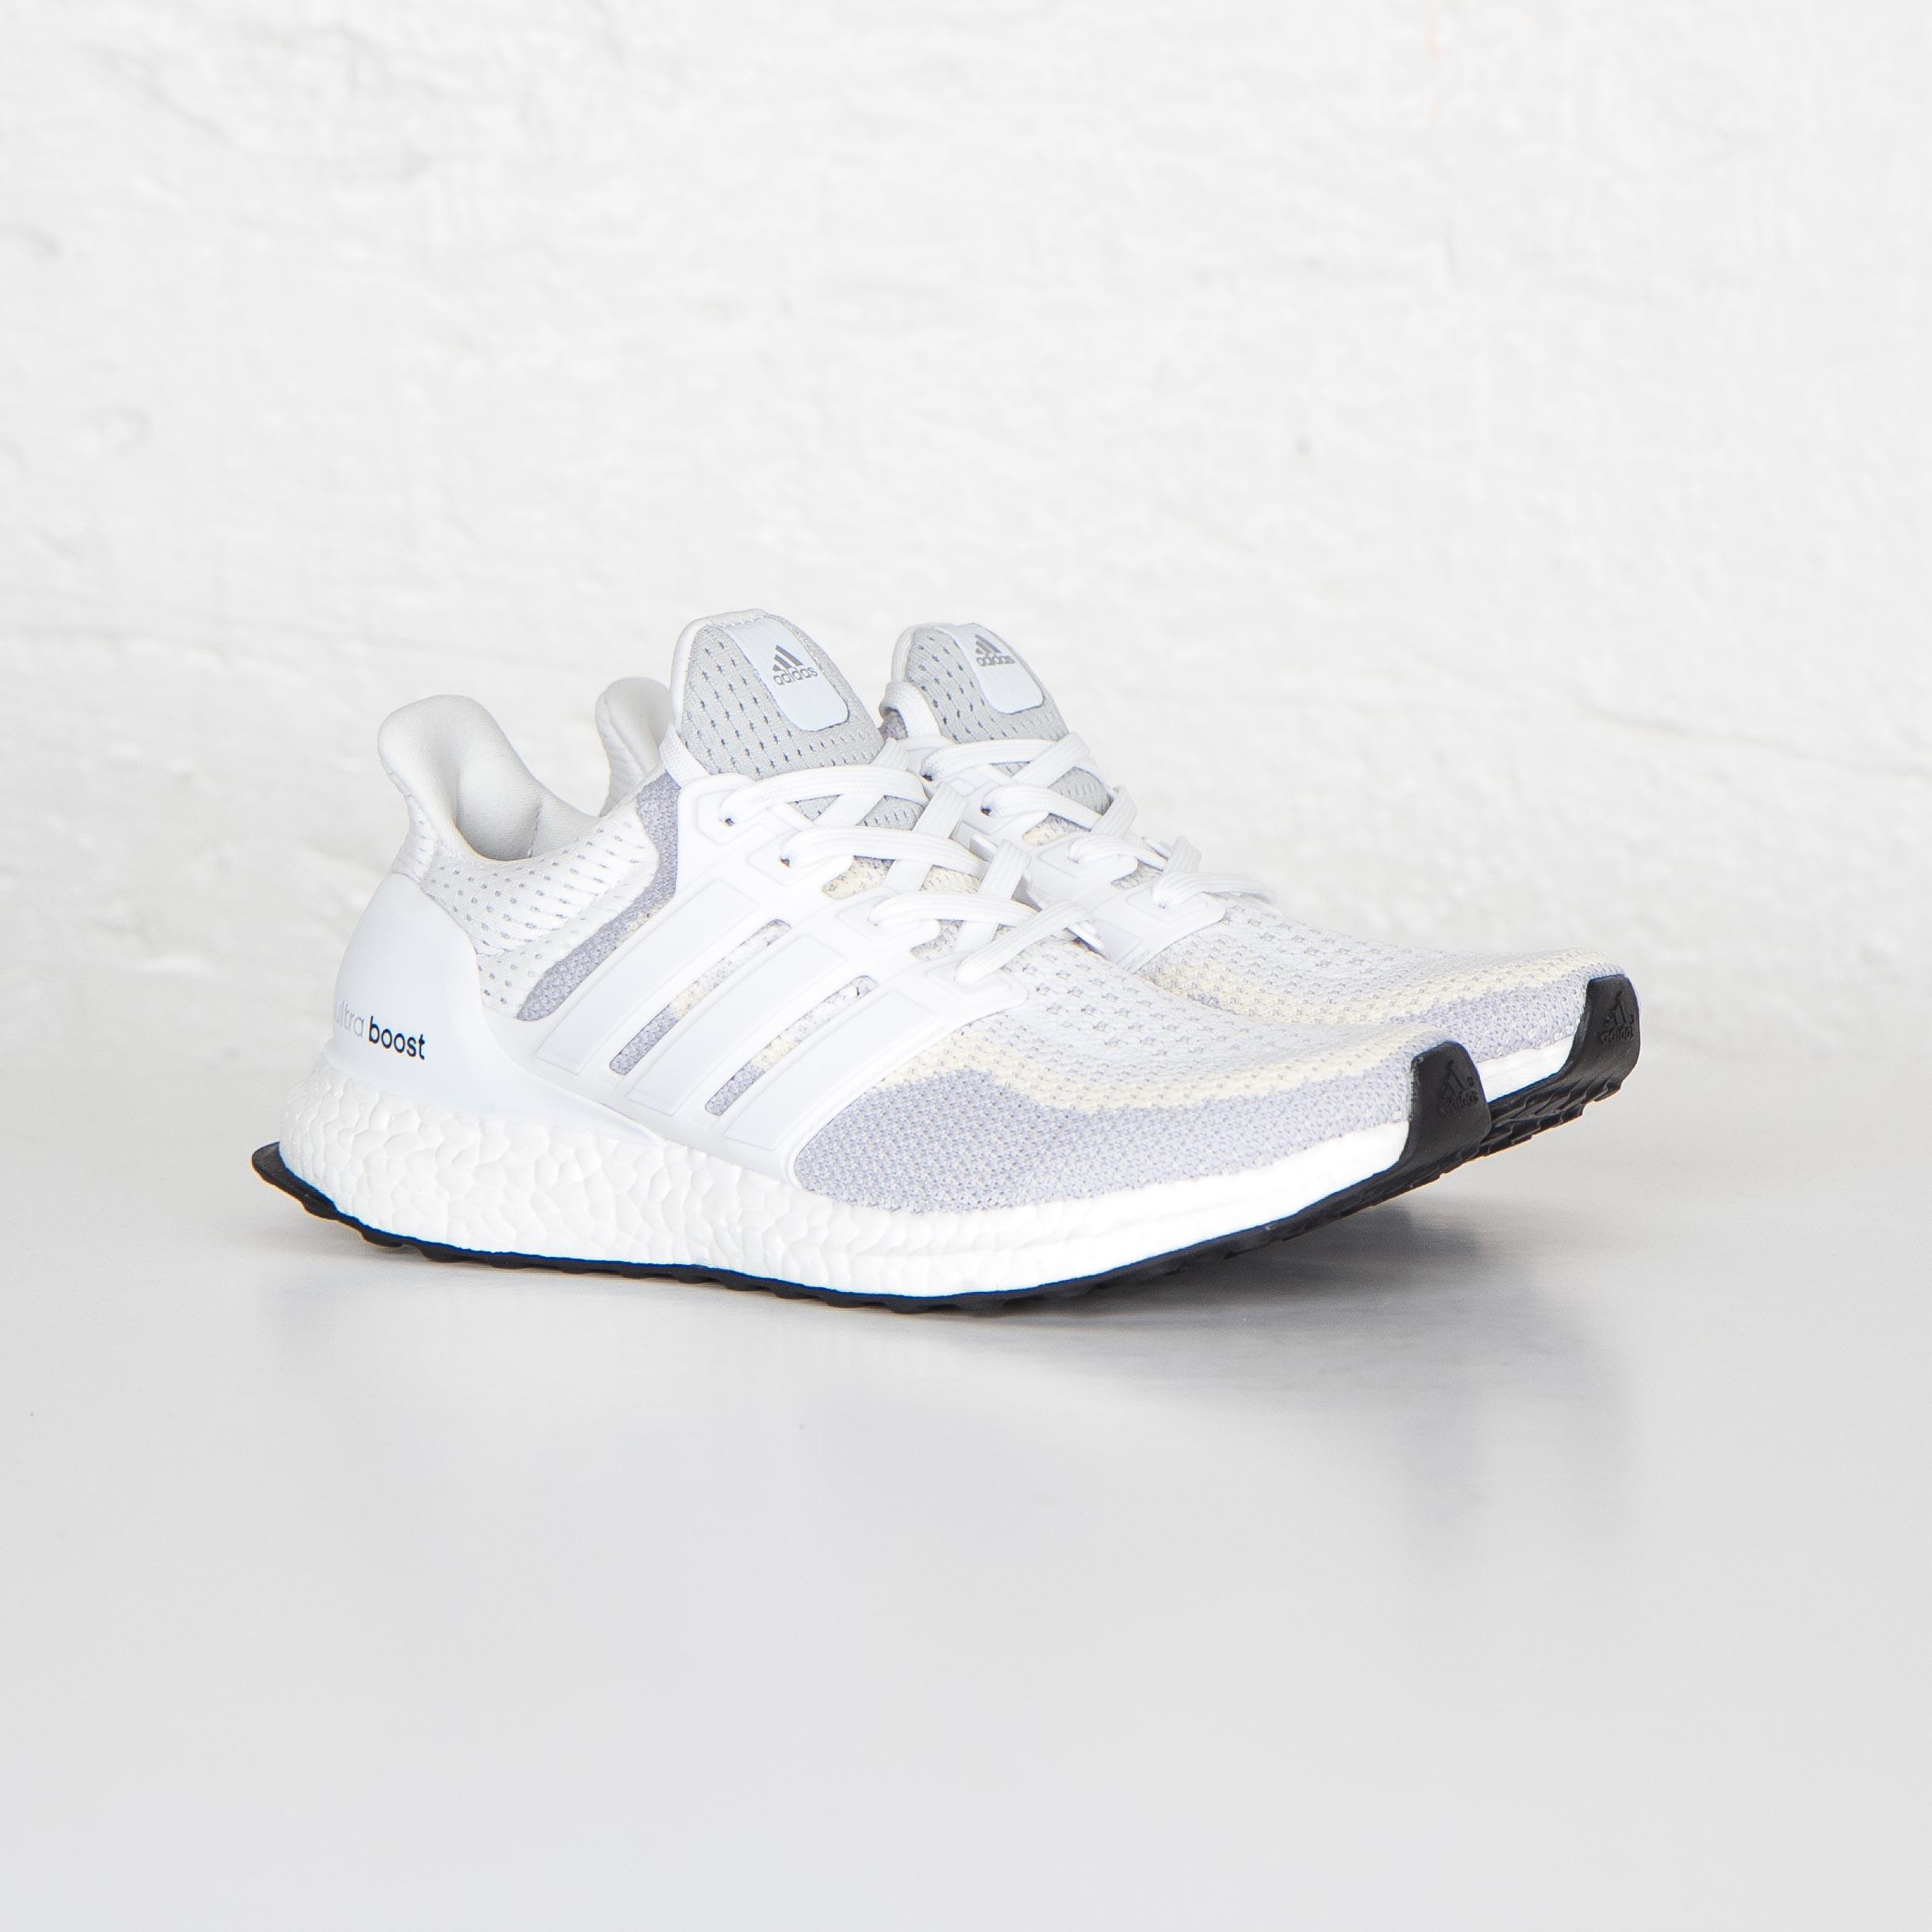 2fffb0894a210 adidas Ultra Boost W - Af5142 - Sneakersnstuff